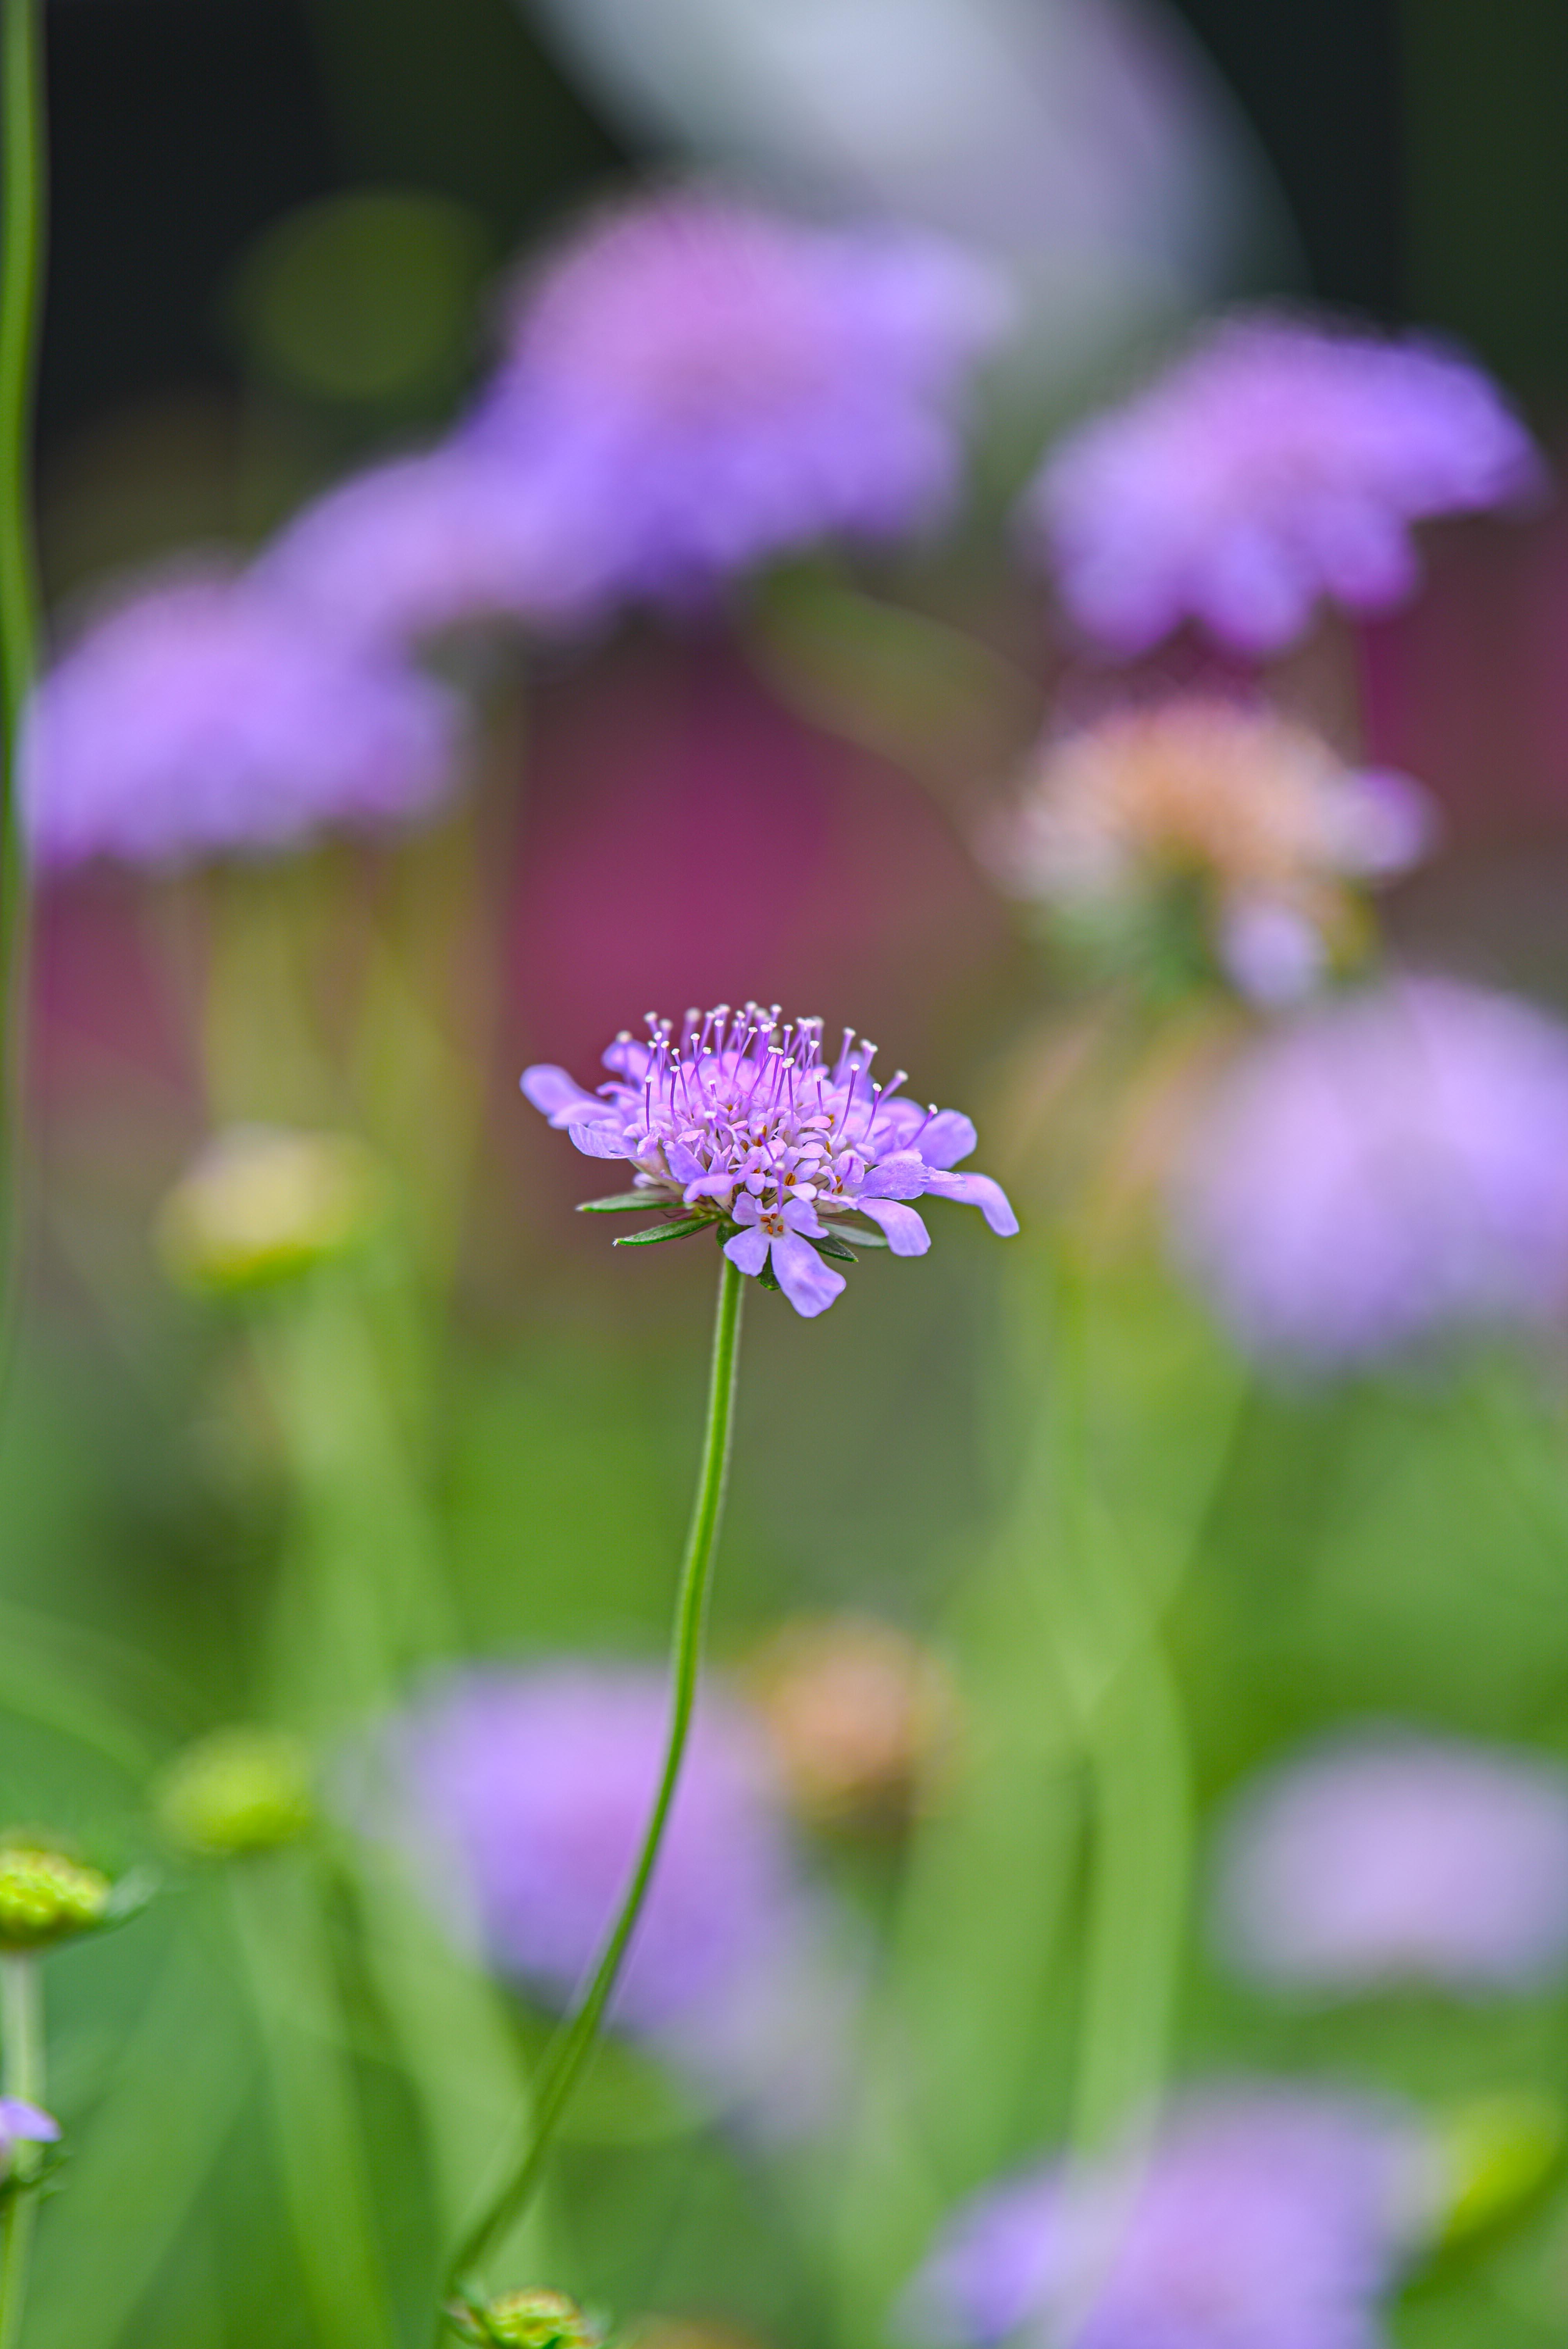 Pin Cushion Flower, Perennial